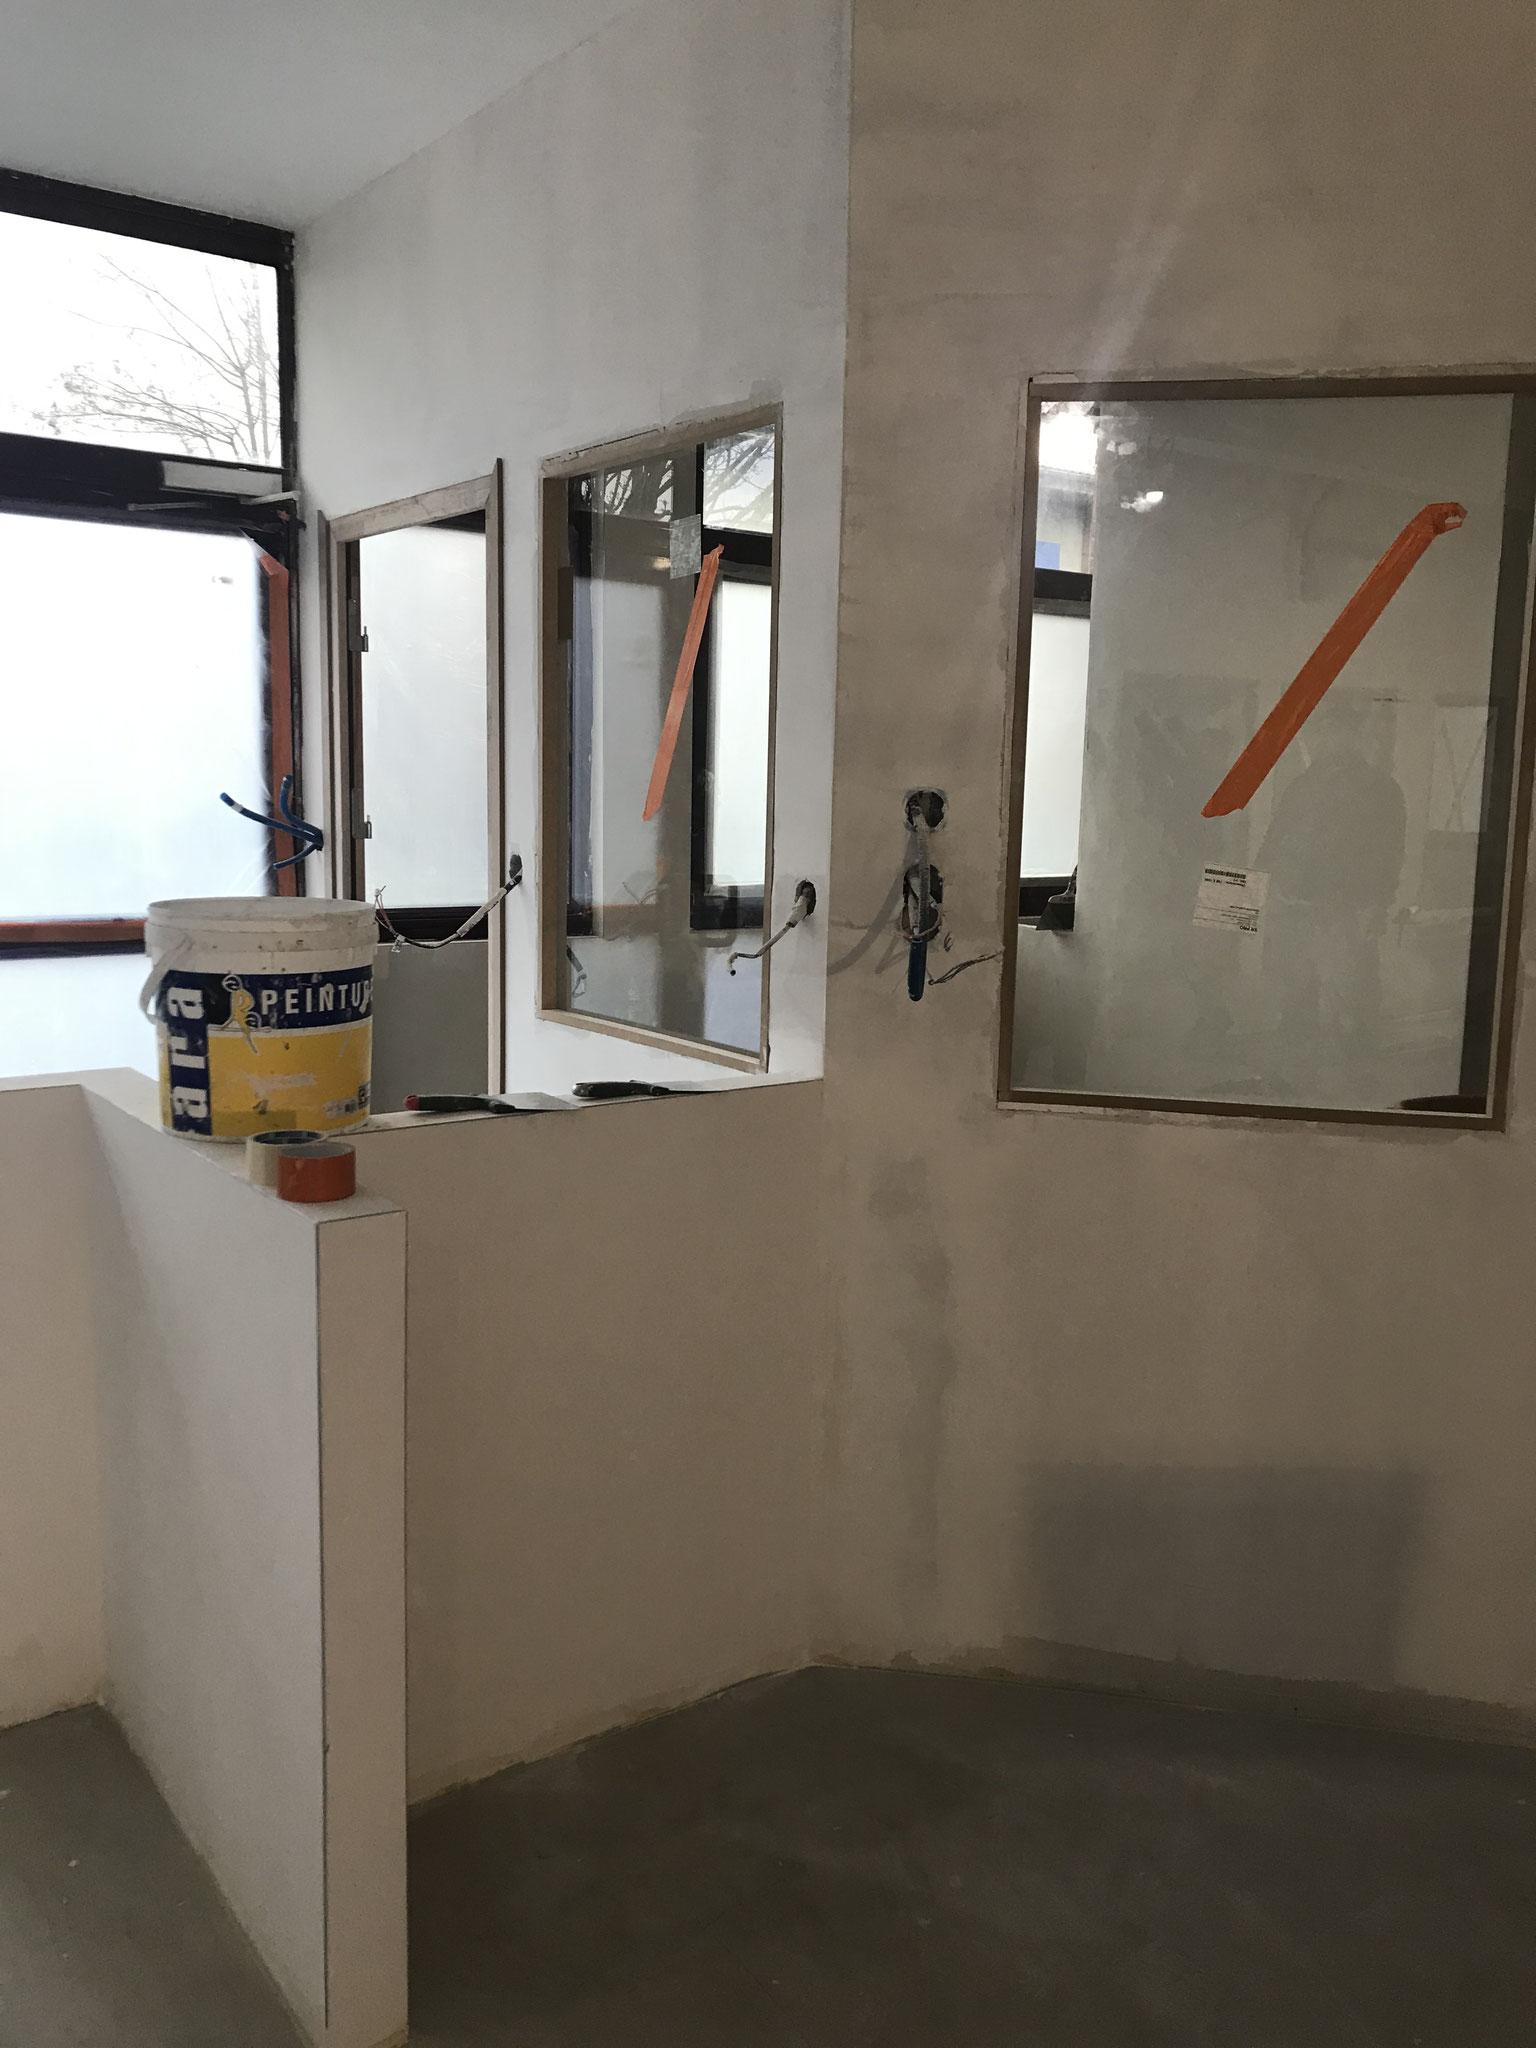 Le 21 janvier : Les vitres intérieures sont posées